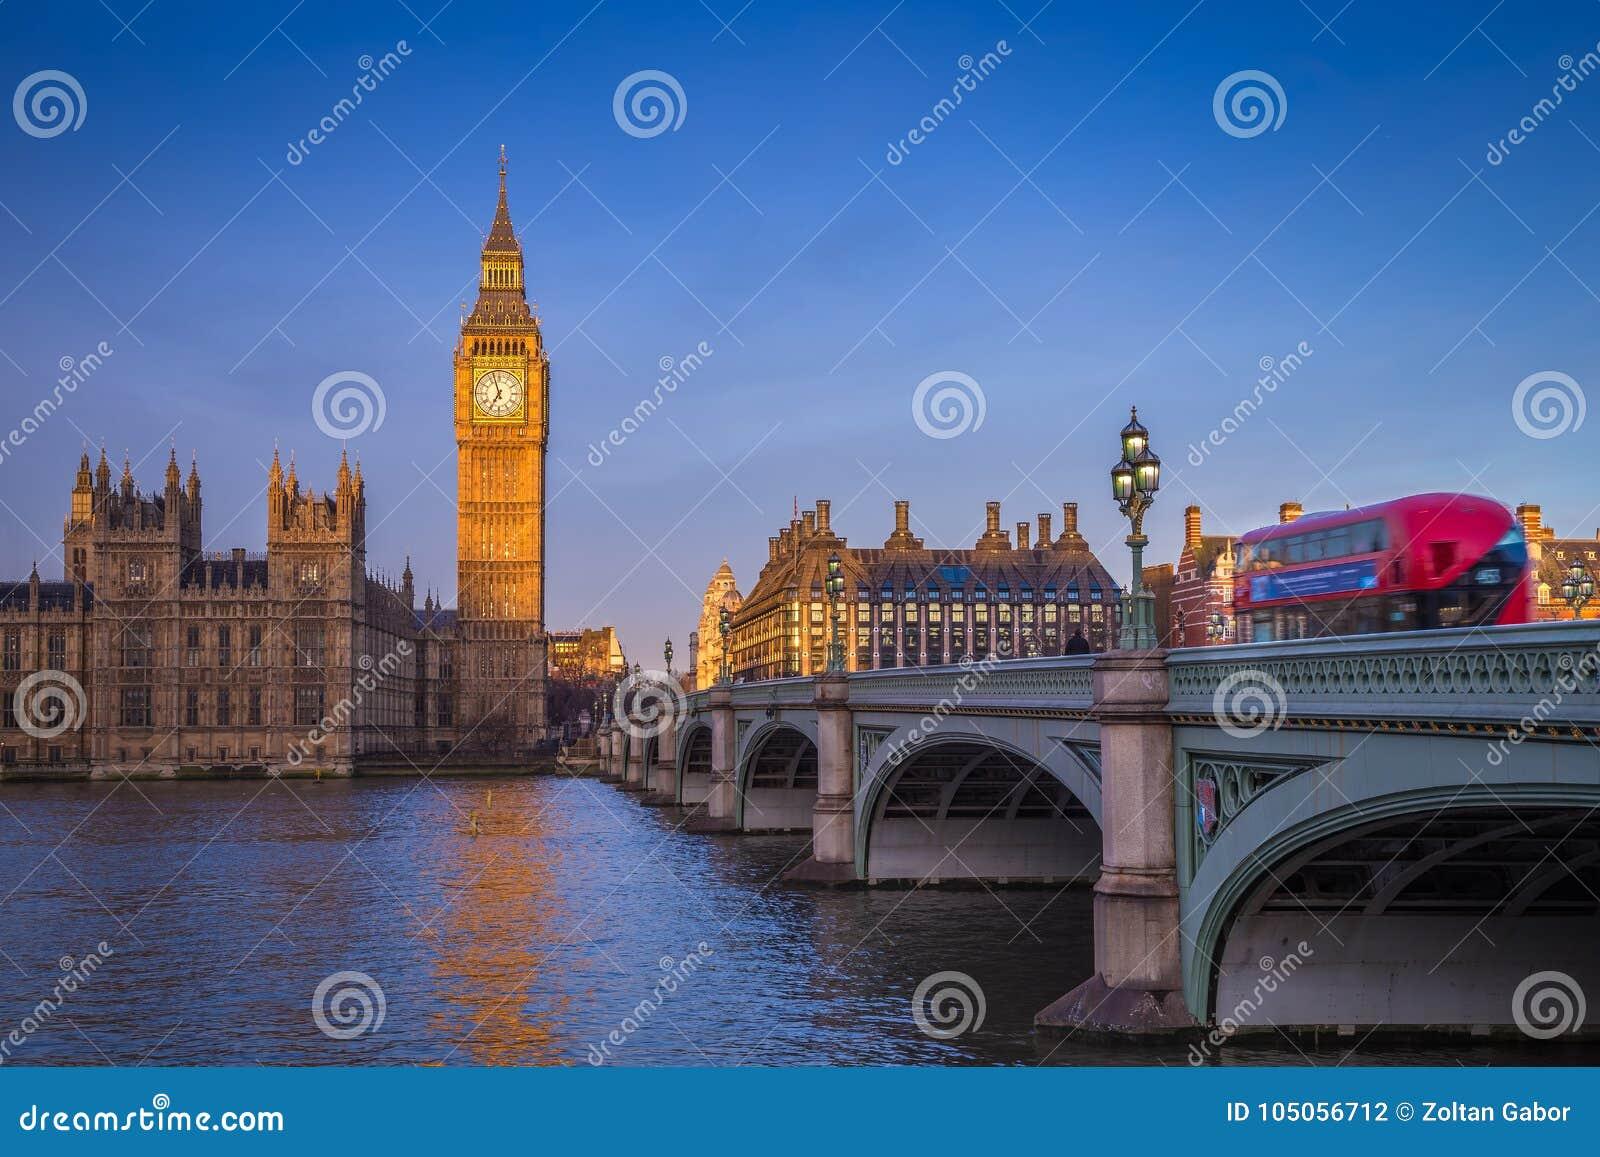 Londres, Angleterre - Big Ben iconique avec des Chambres du Parlement et d autobus à impériale rouge traditionnel